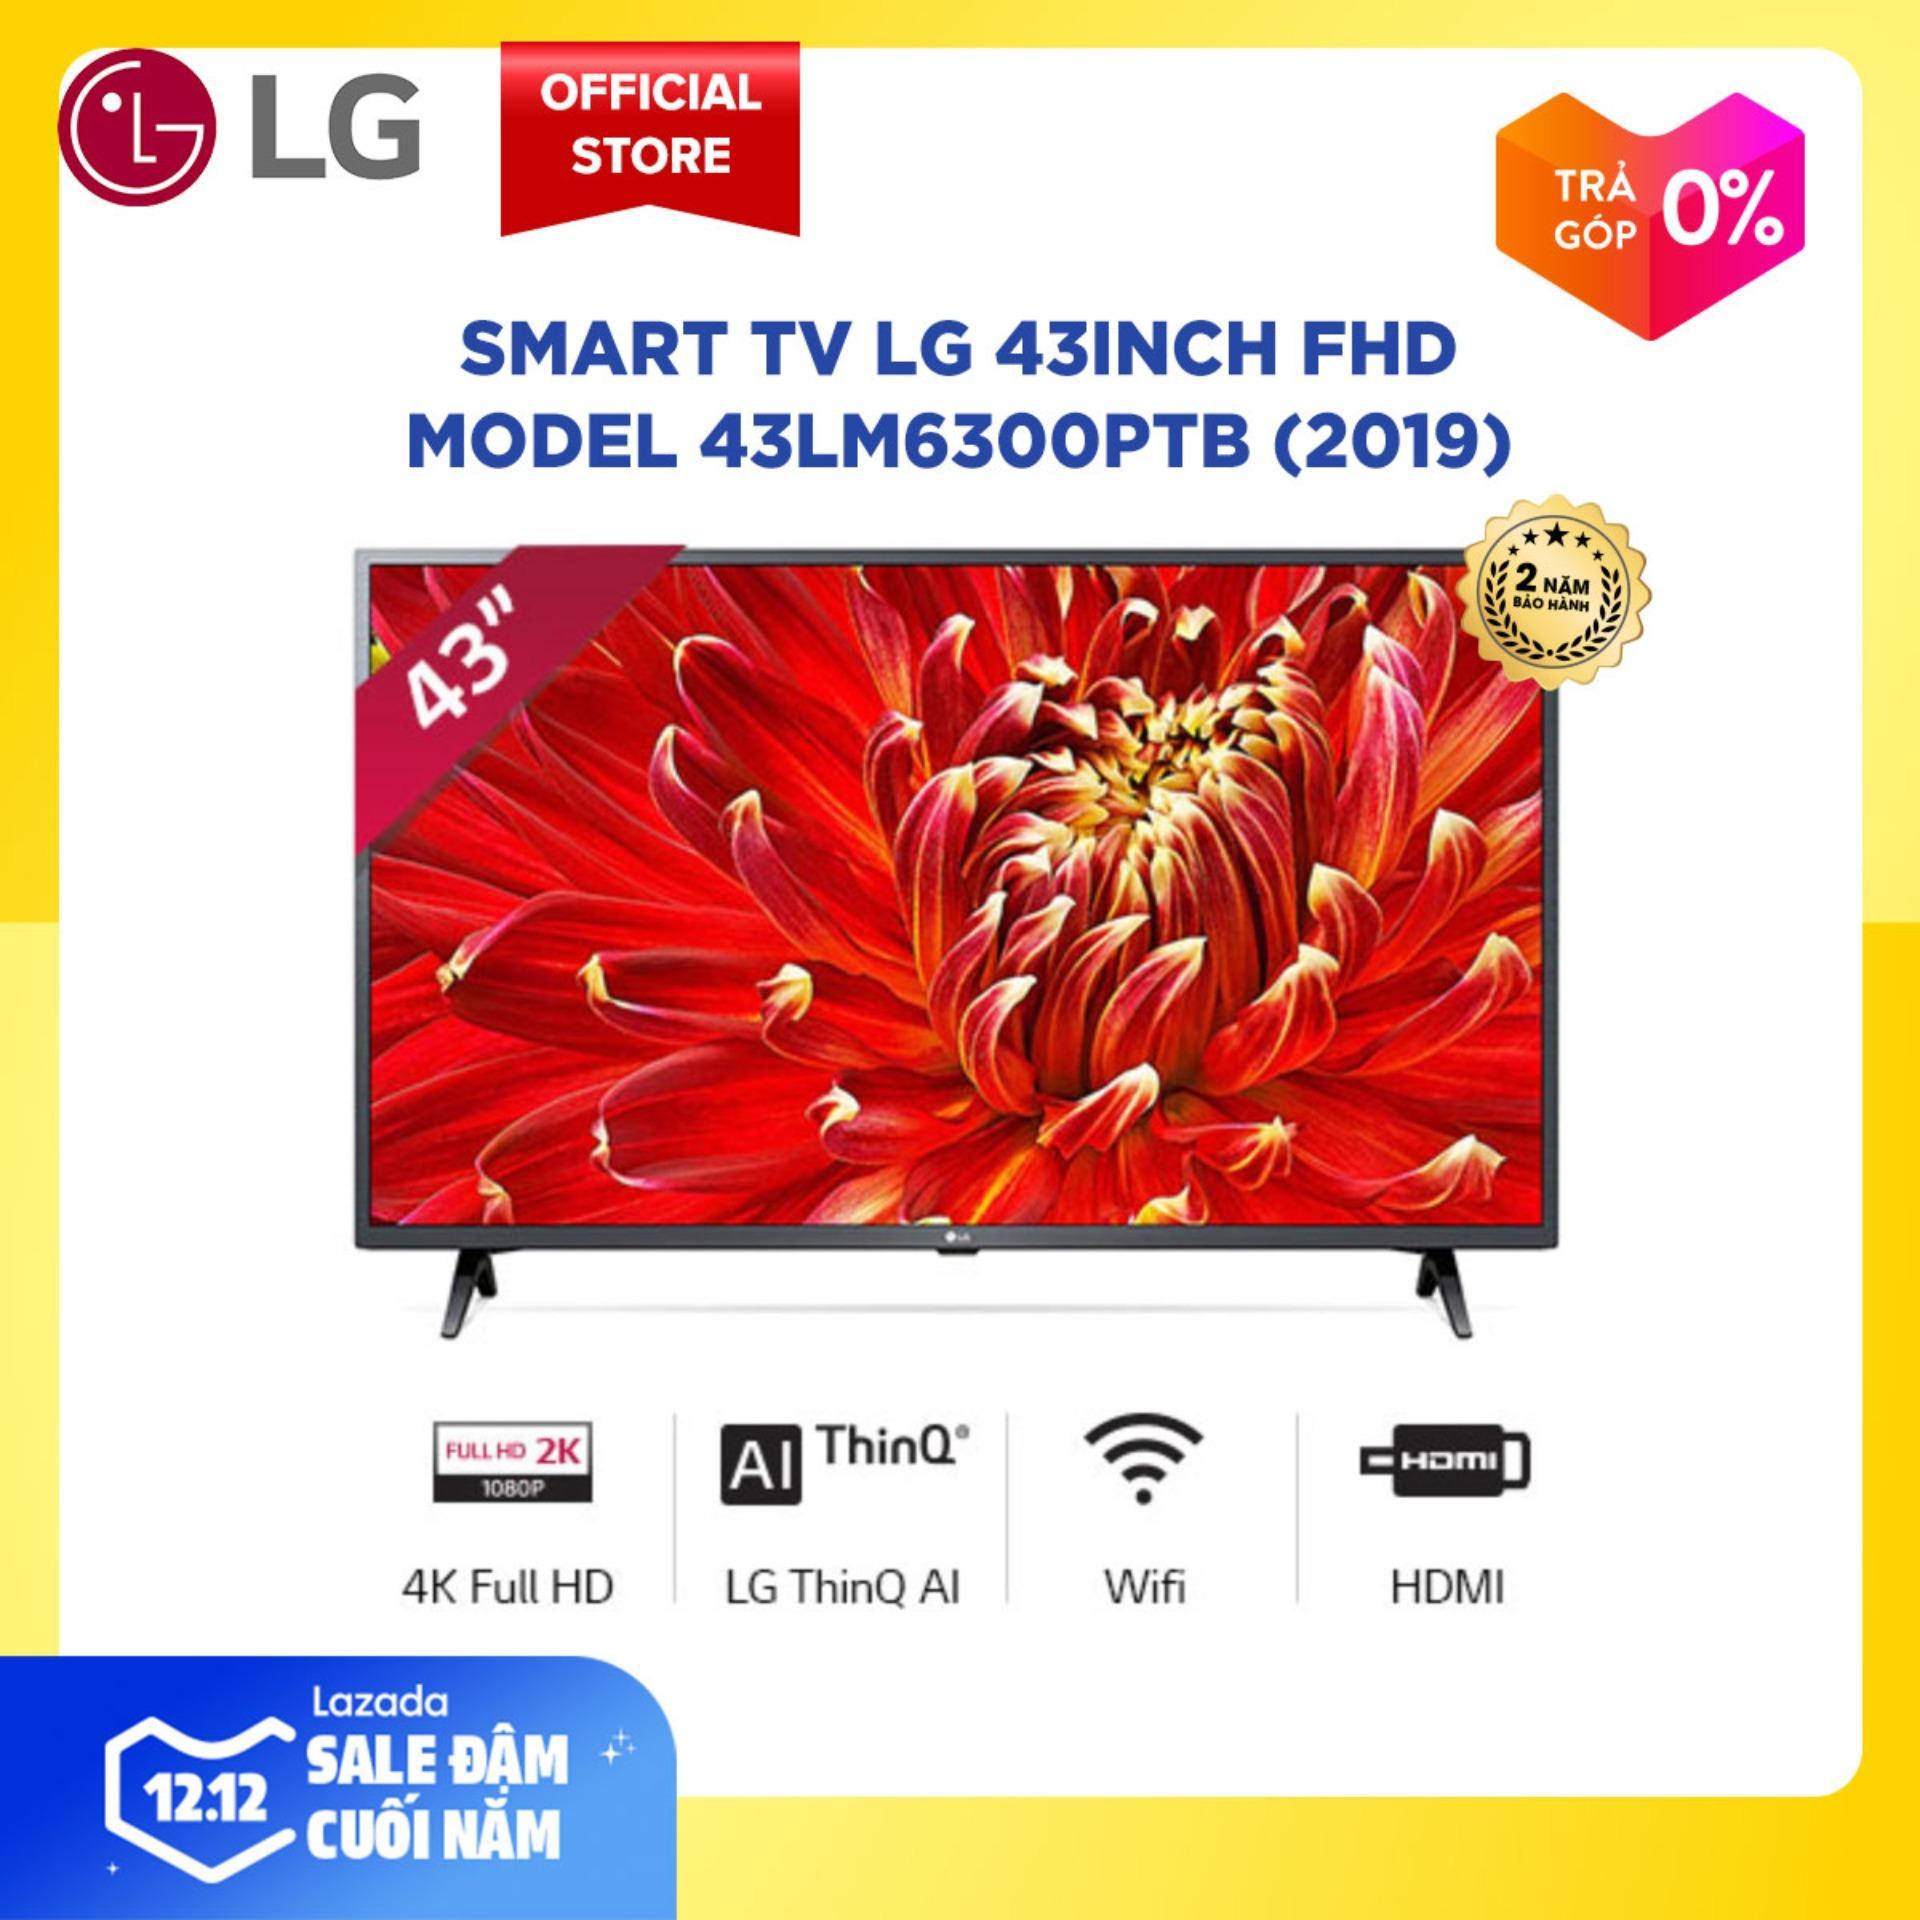 Smart TV LG 43inch FHD - Model 43LM6300PTB (2019) Chip Xử Lý Quad Core, Active HDR, Công Nghệ Dolby Audio  - Hãng Phân Phối Chính Thức Đang Có Khuyến Mãi